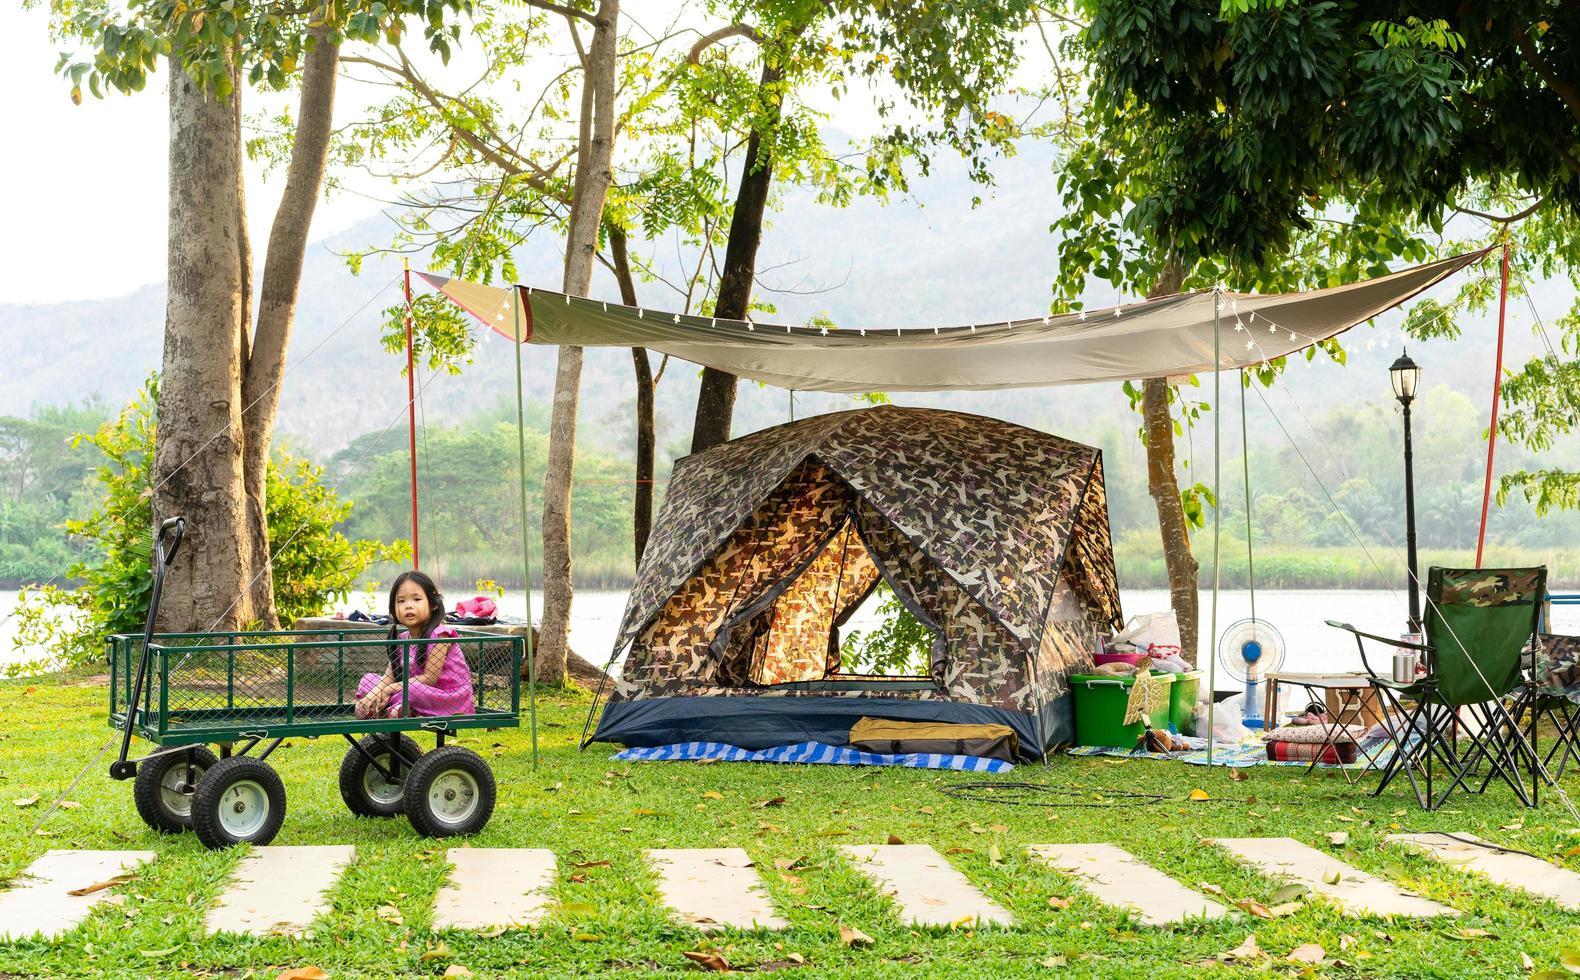 giovane ragazza asiatica in vagone al campeggio foto